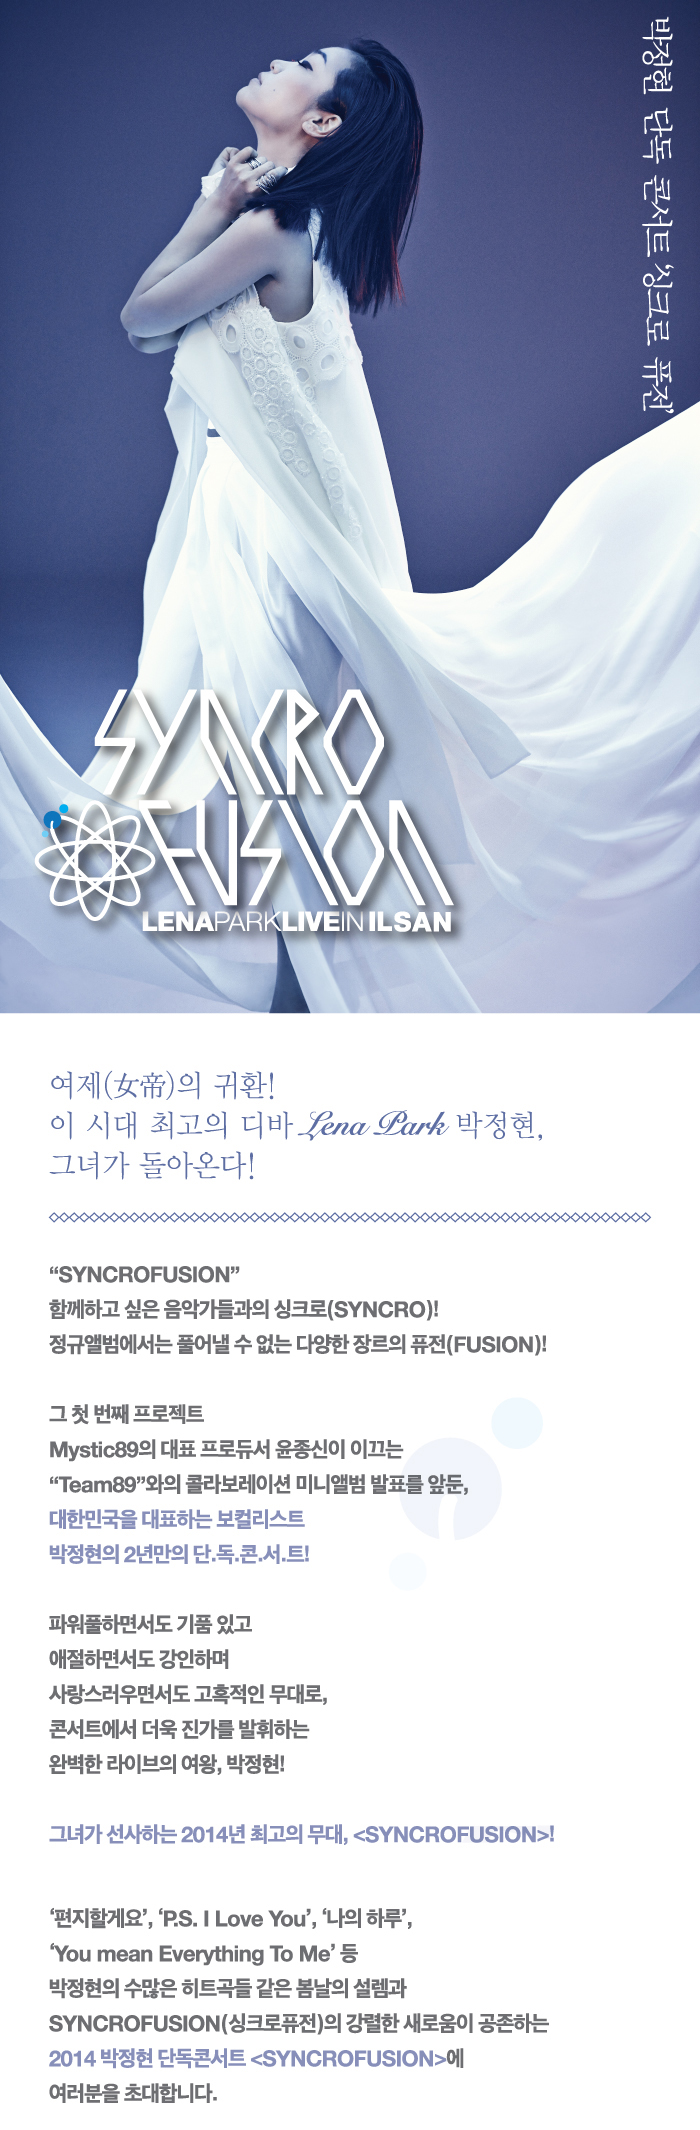 2014 박정현 단독콘서트 <SYNCROFUSION> 일산